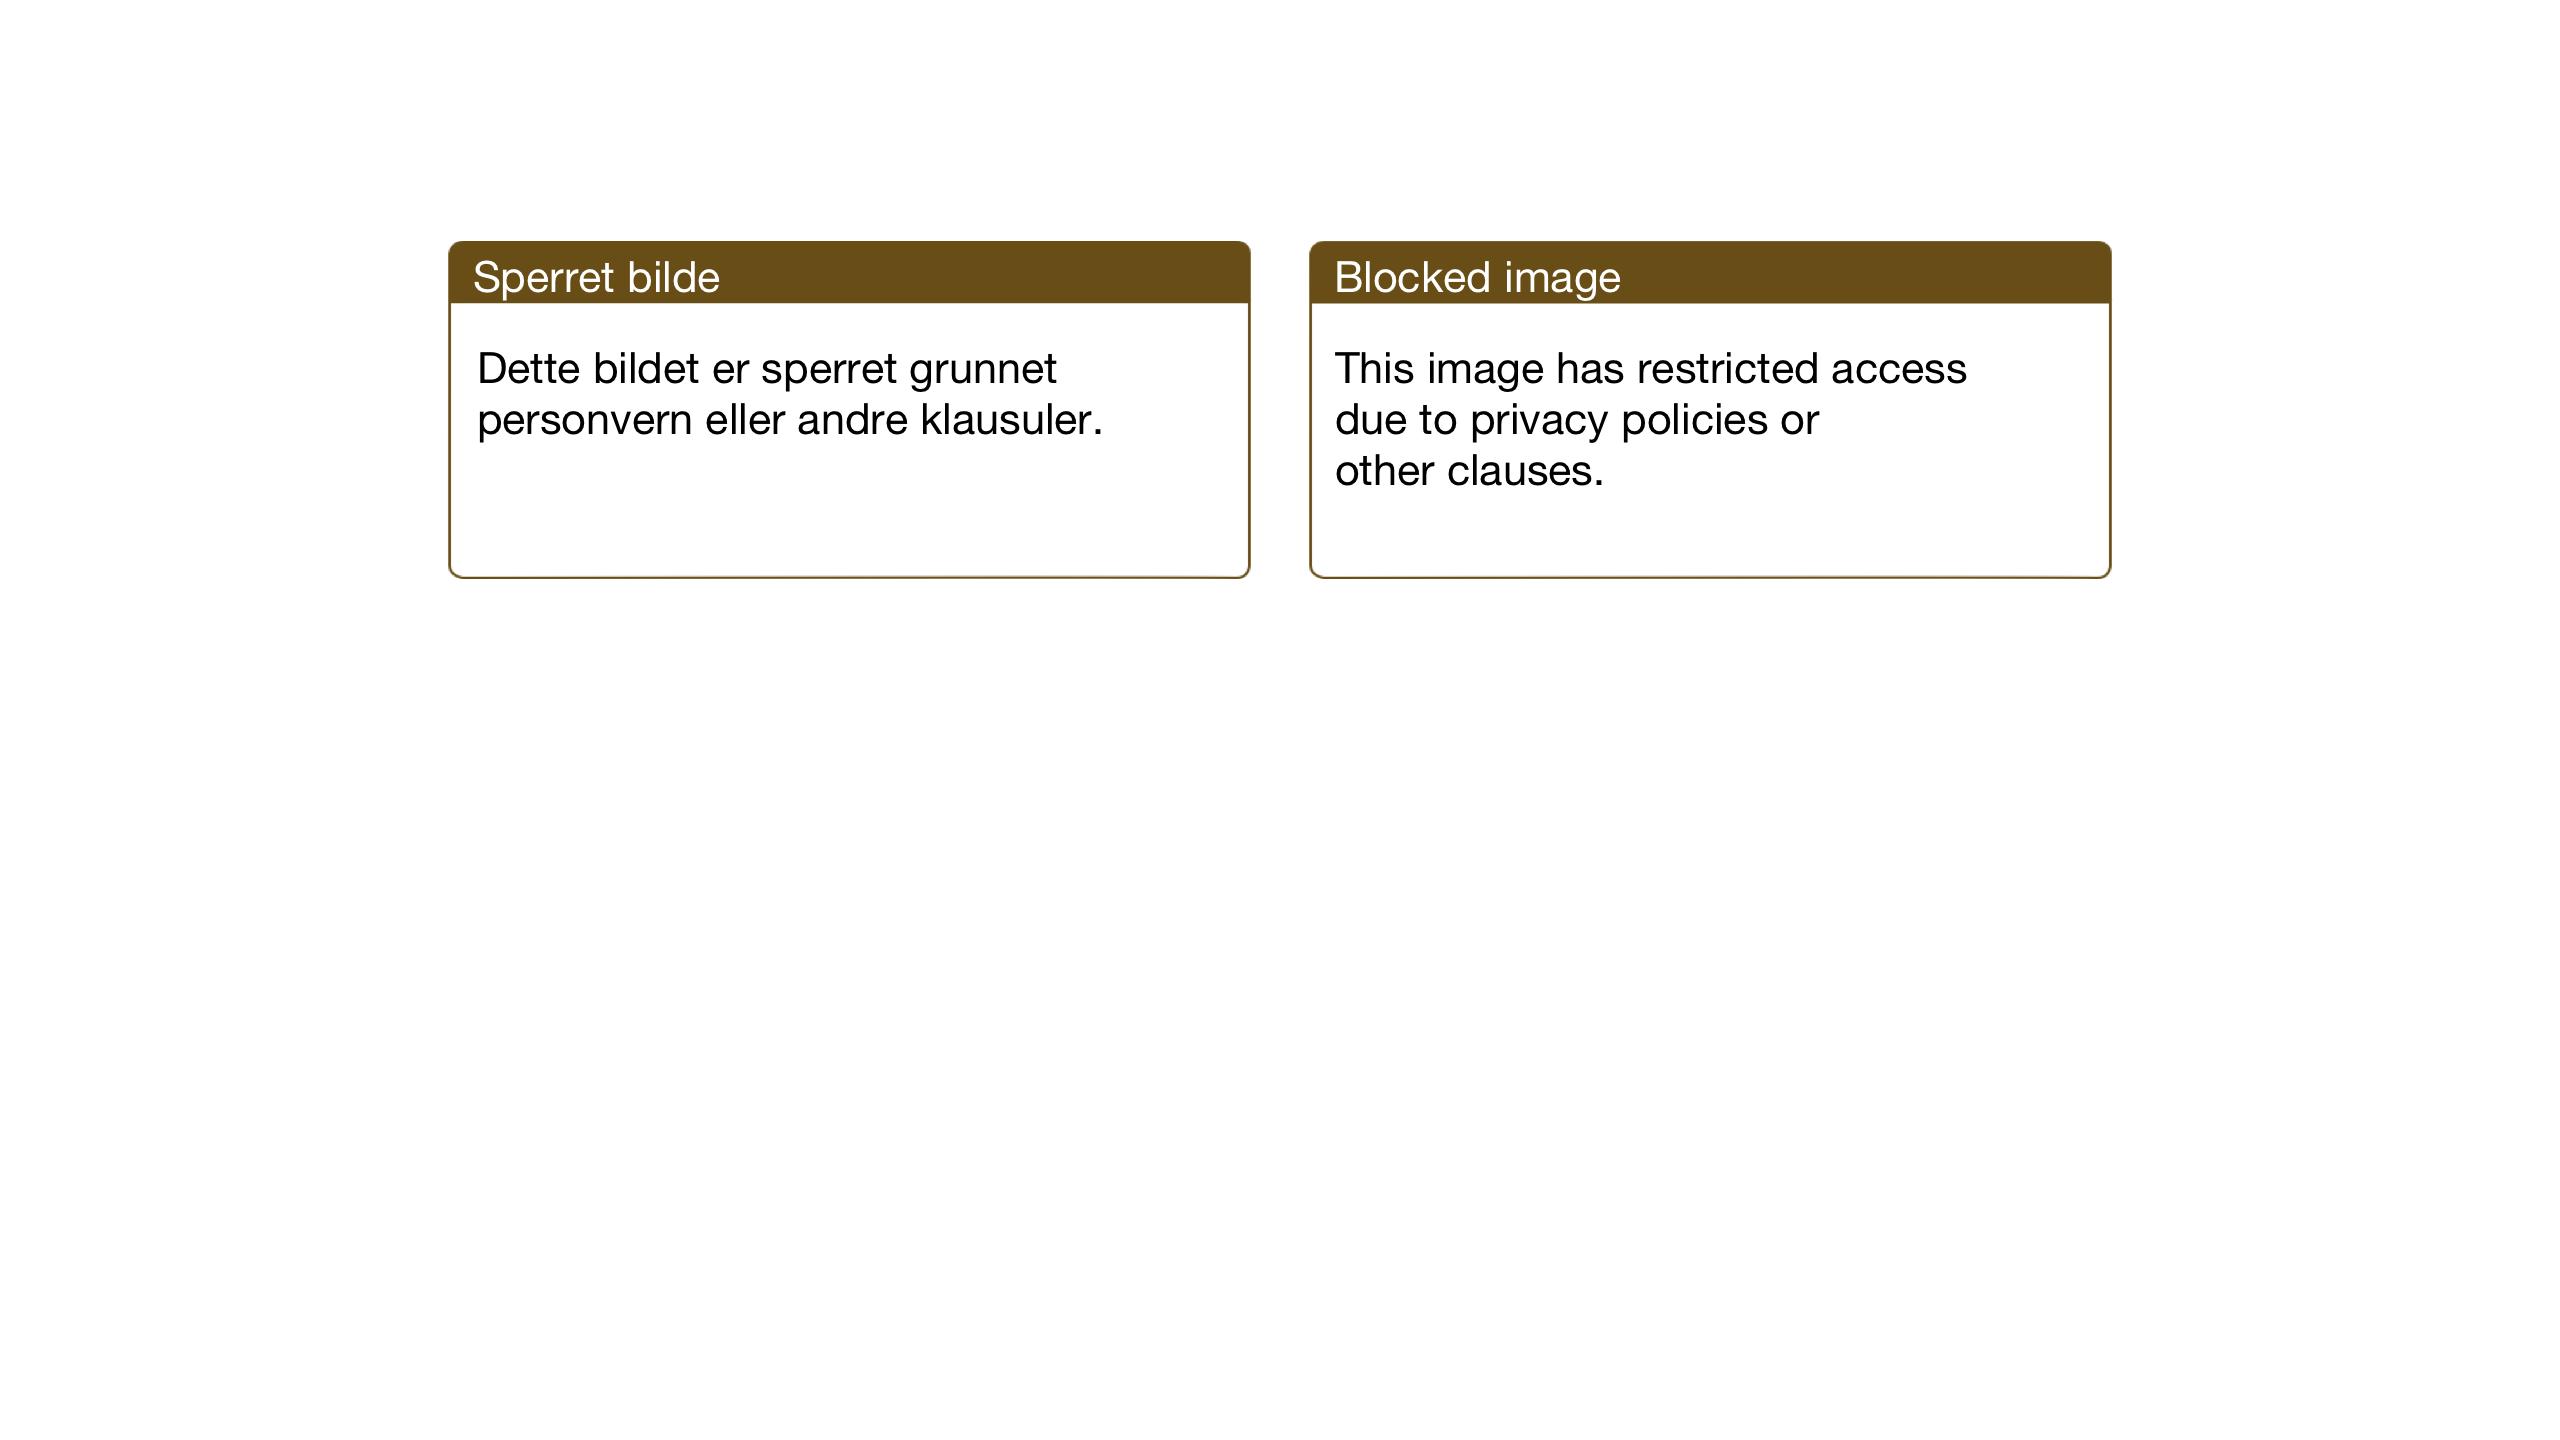 SAT, Ministerialprotokoller, klokkerbøker og fødselsregistre - Sør-Trøndelag, 637/L0564: Klokkerbok nr. 637C05, 1928-1968, s. 125